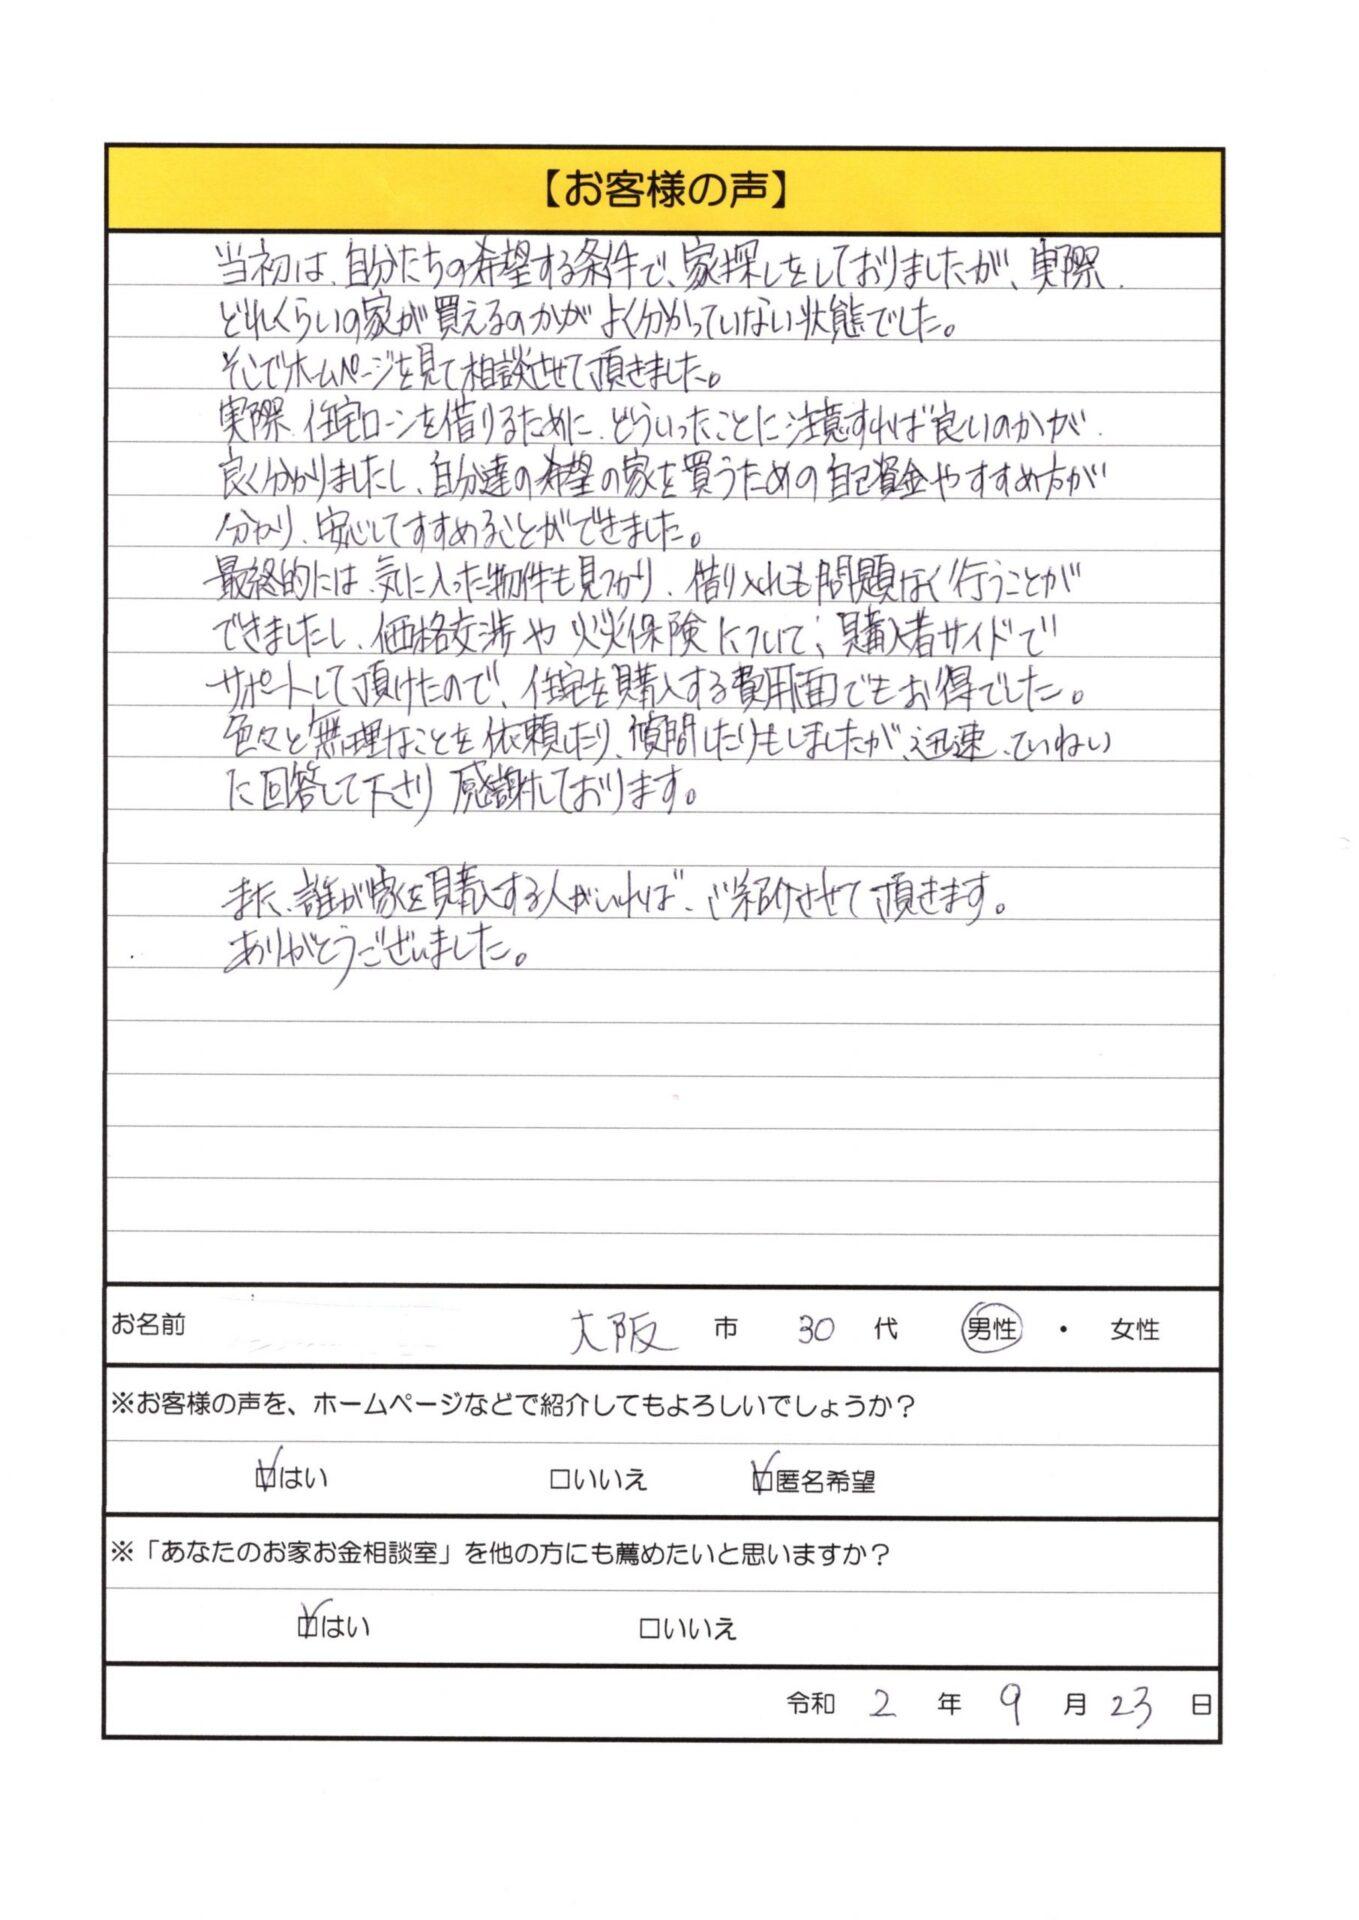 大阪市 住宅購入相談